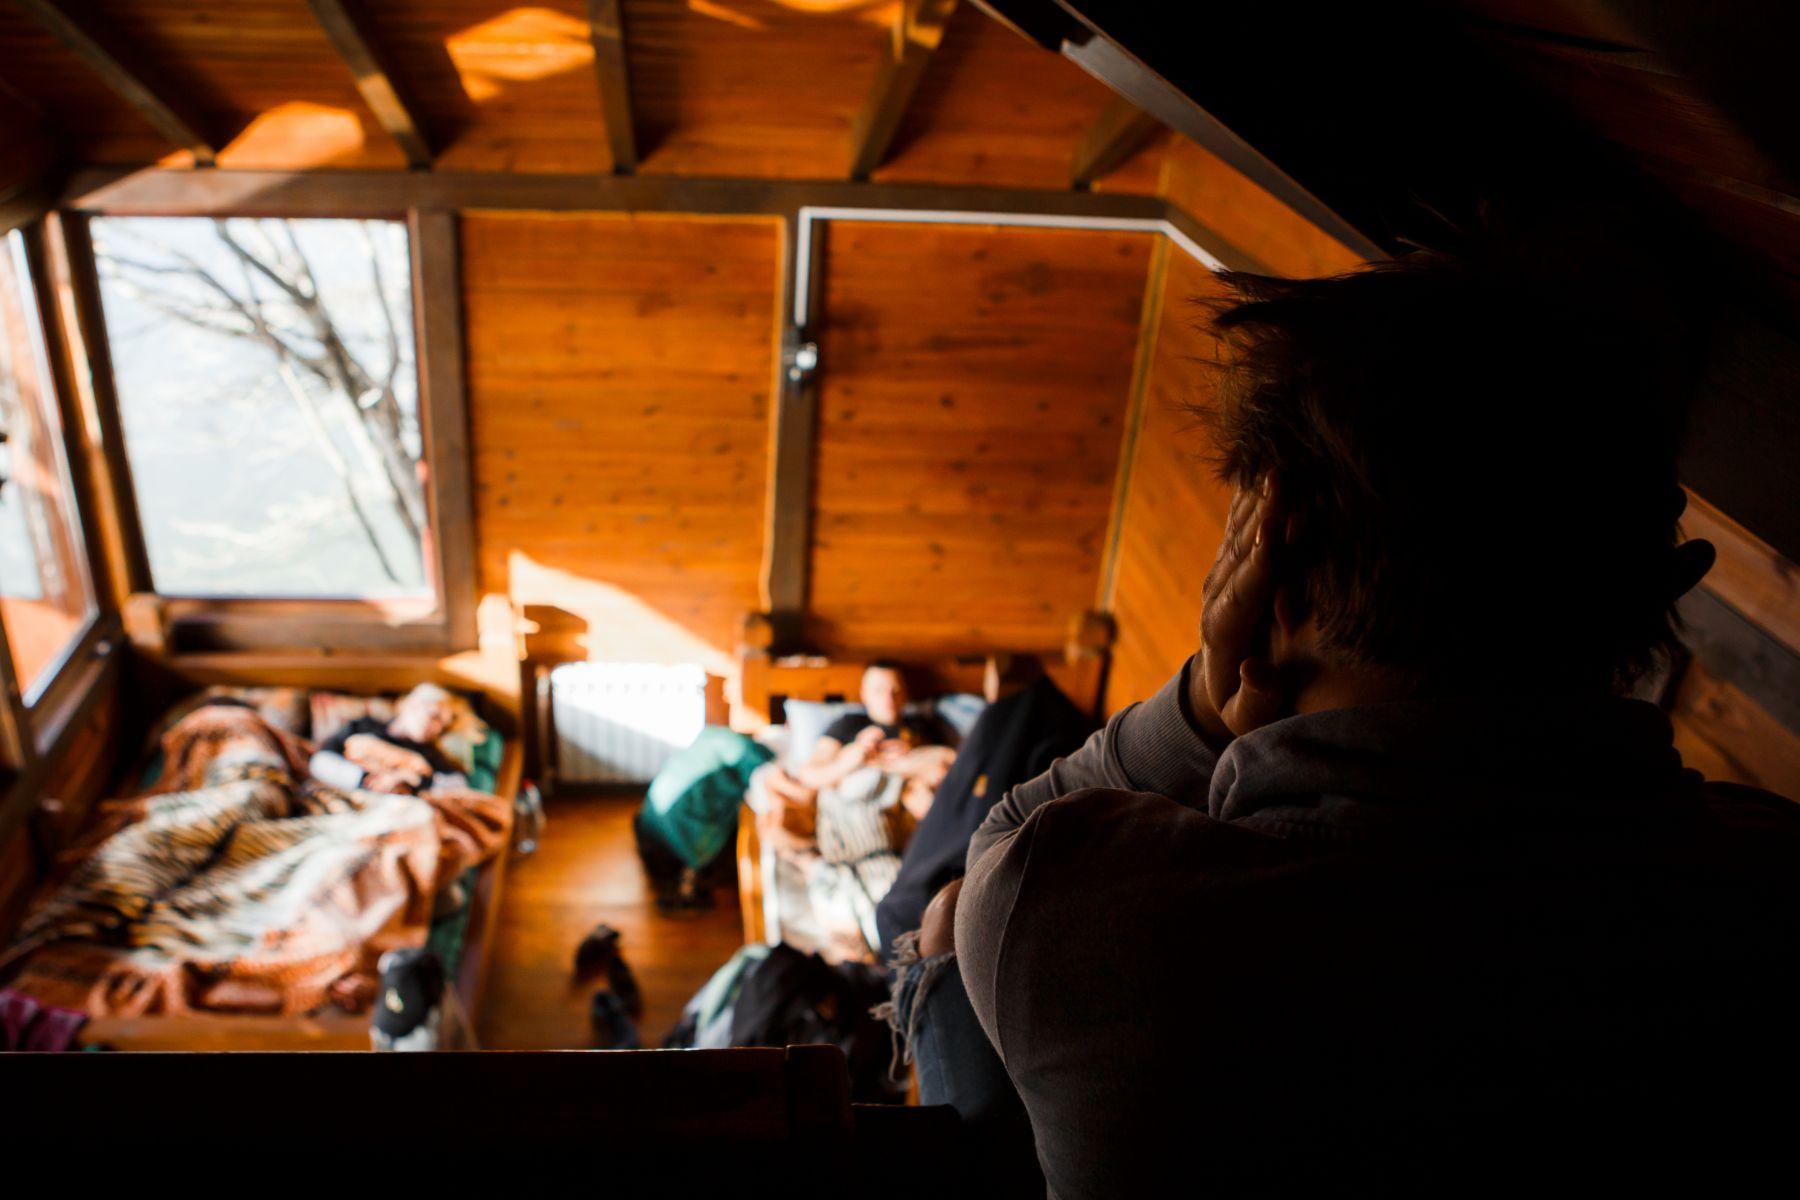 遊日注意囉!Airbnb下架不合法民宿 旅客訂單突被取消